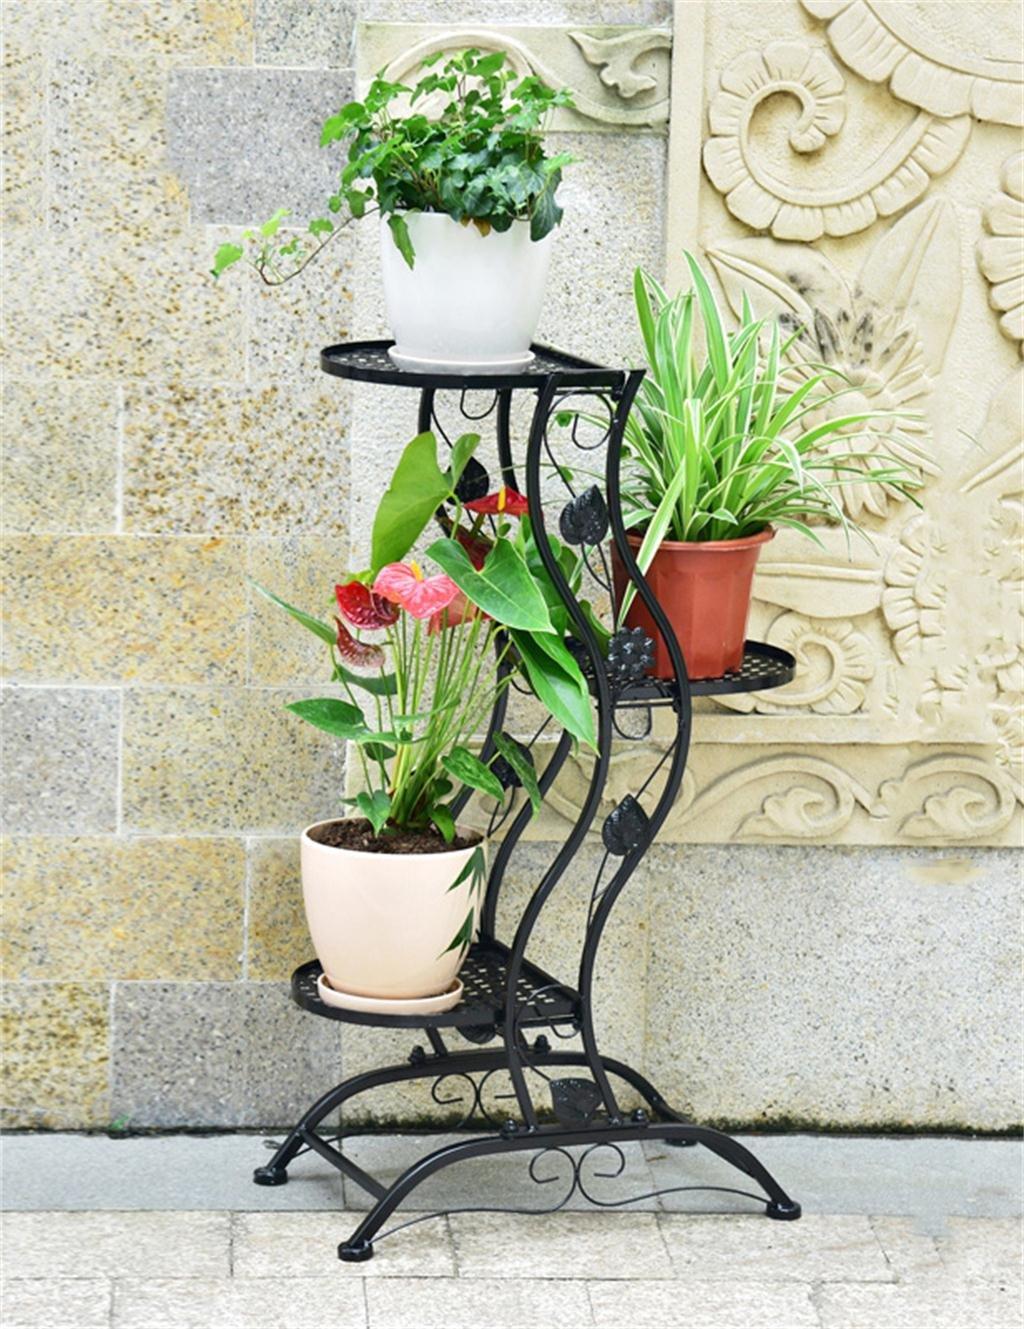 LB Europäischer kreativer dreistöckiger Eisen-Fußboden-Blumen-Topf-Regal, Zahnstangen, hängend Orchidee-Blumen-Topf-Halter für Innen-, Balkon Montage Blumentopf Regal ( farbe : Schwarz )